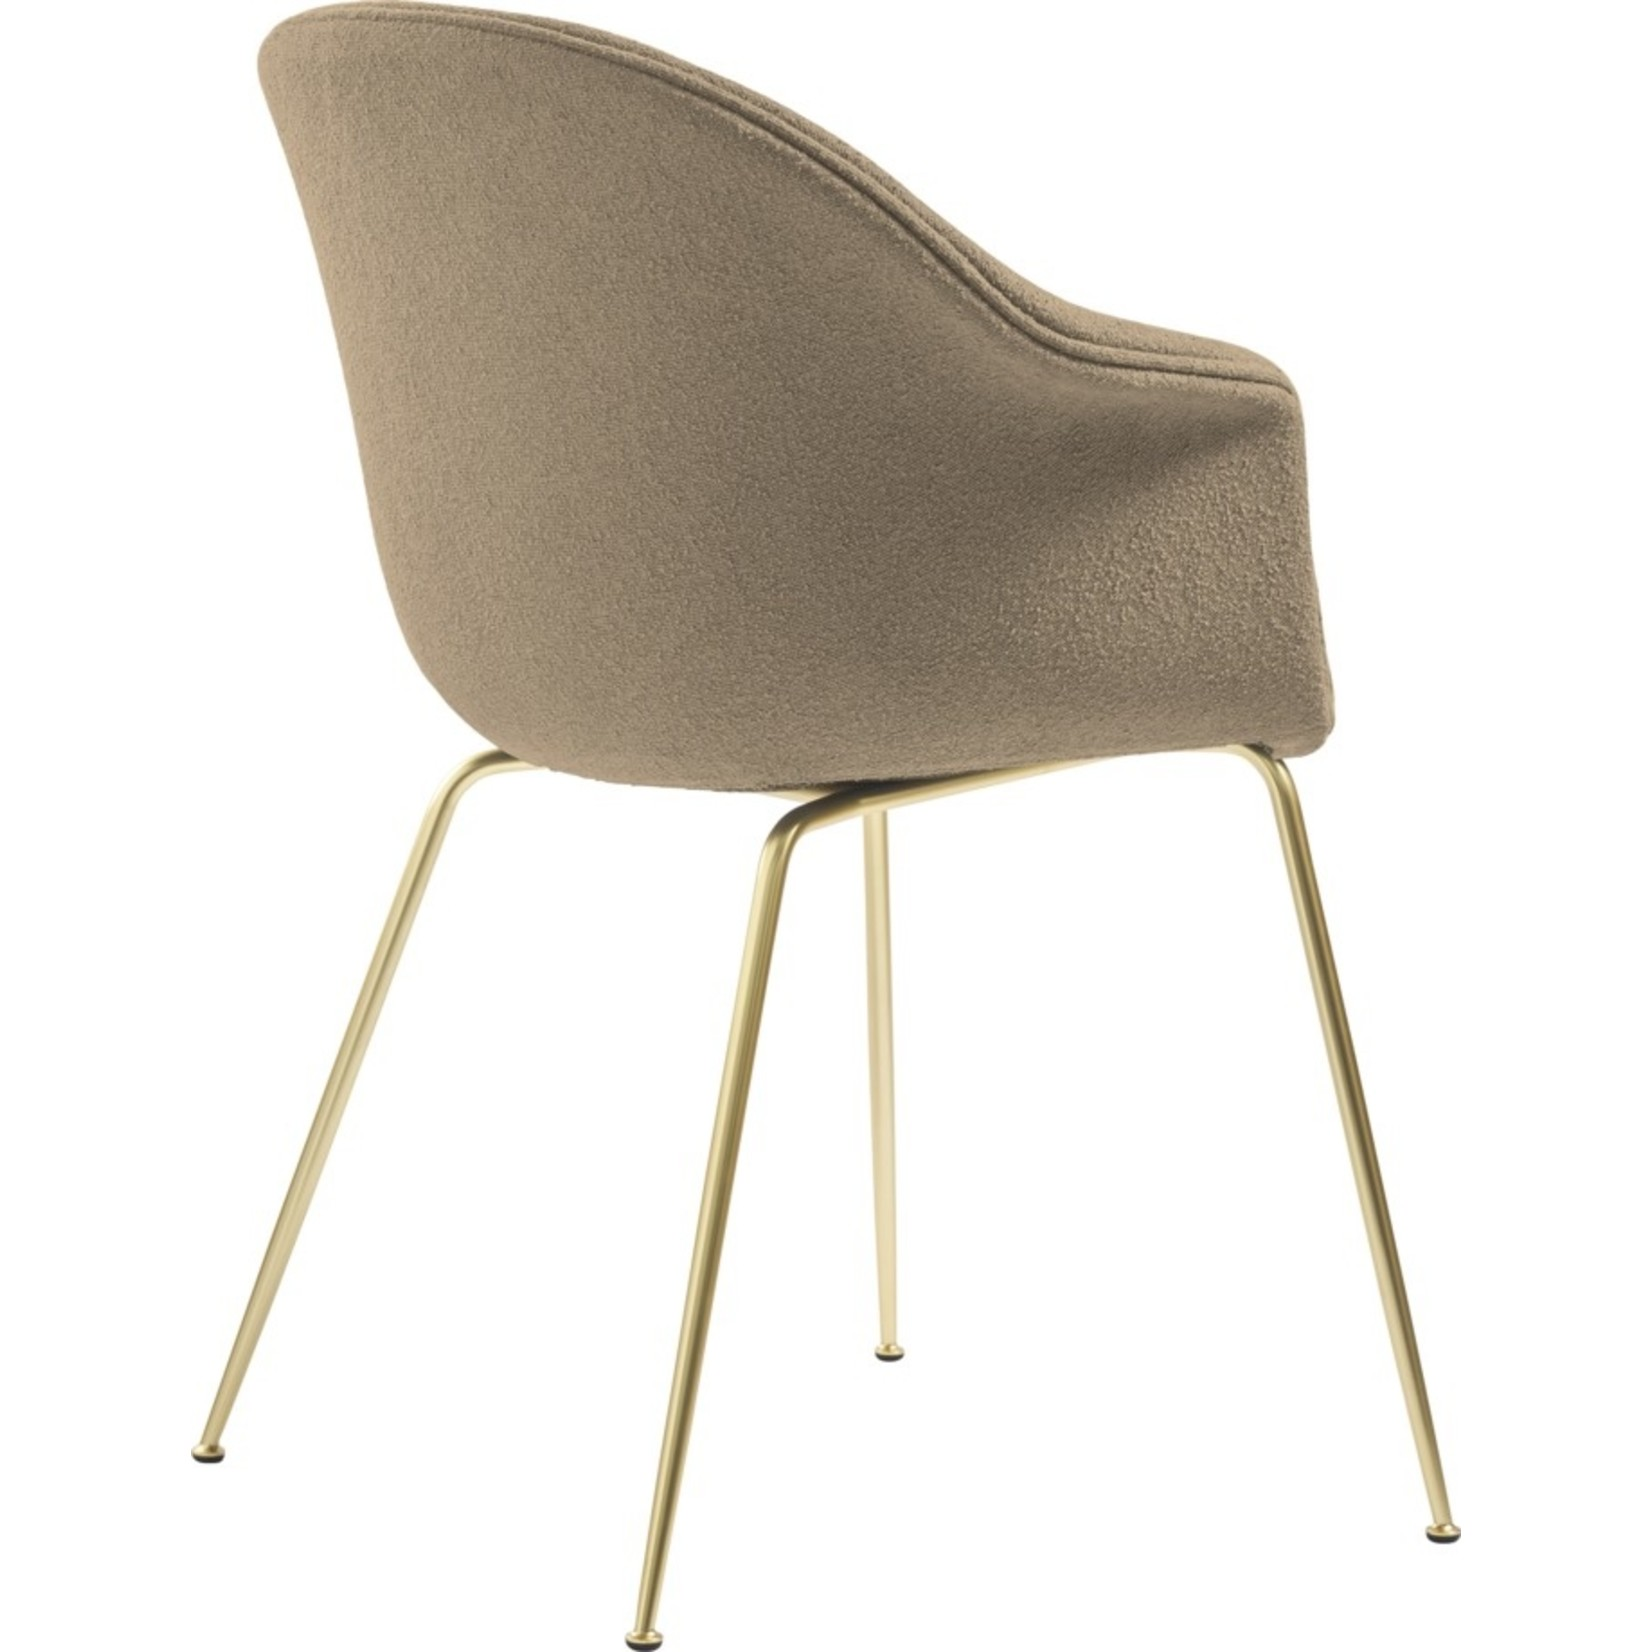 Gubi Bat Dining Chair | Light Bouclé 003 & Brass Semi Matt Base